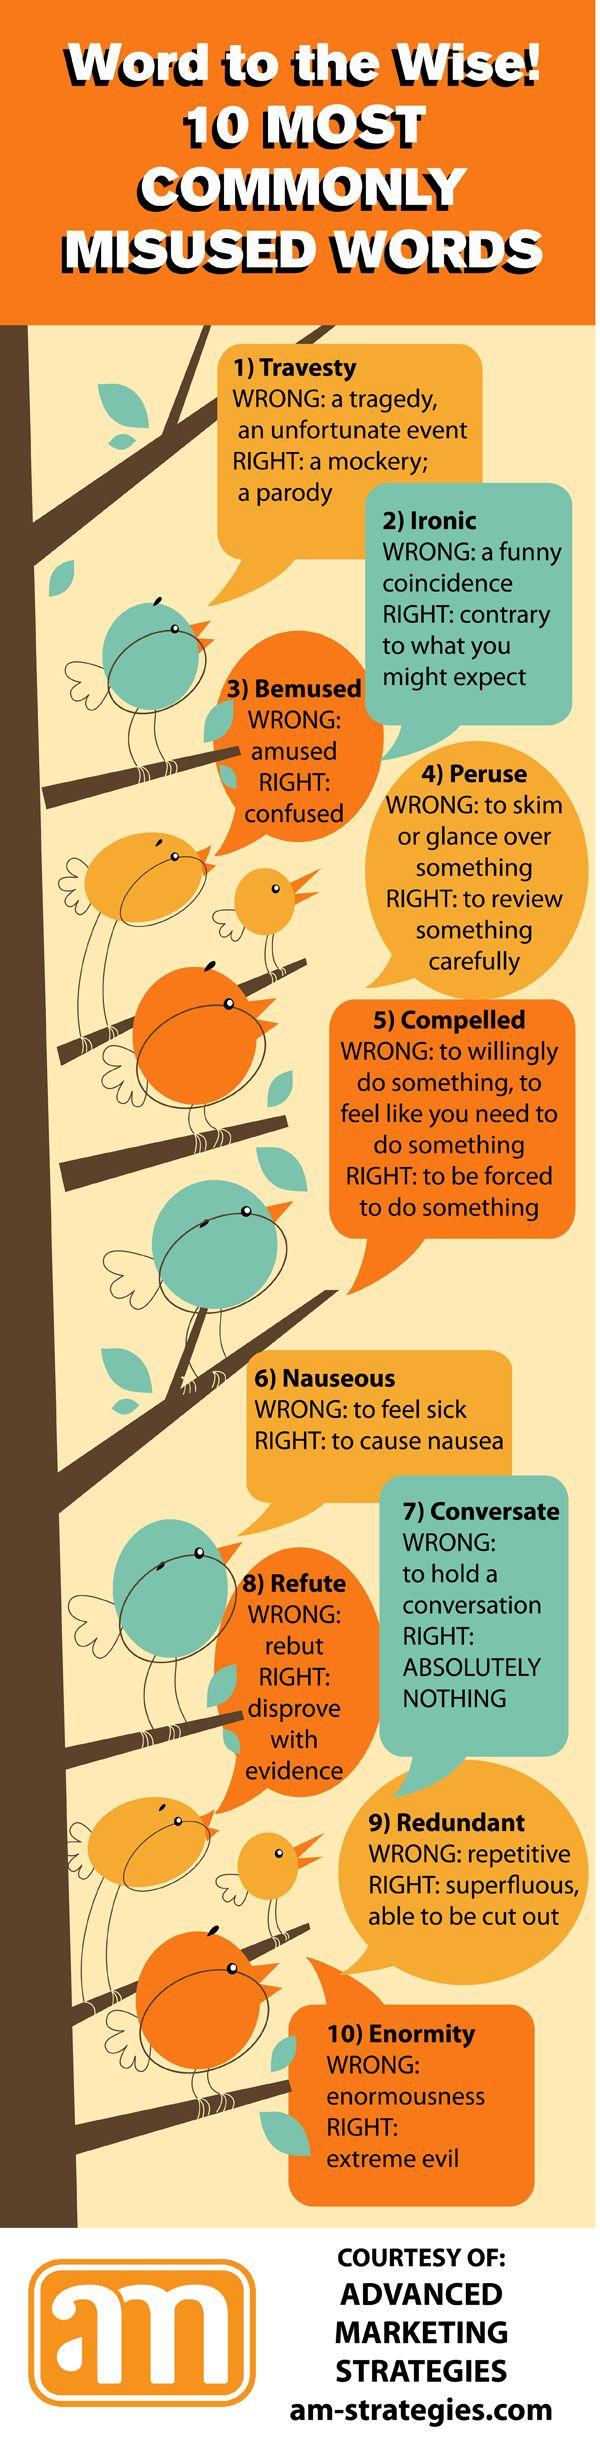 how do you spell conversate